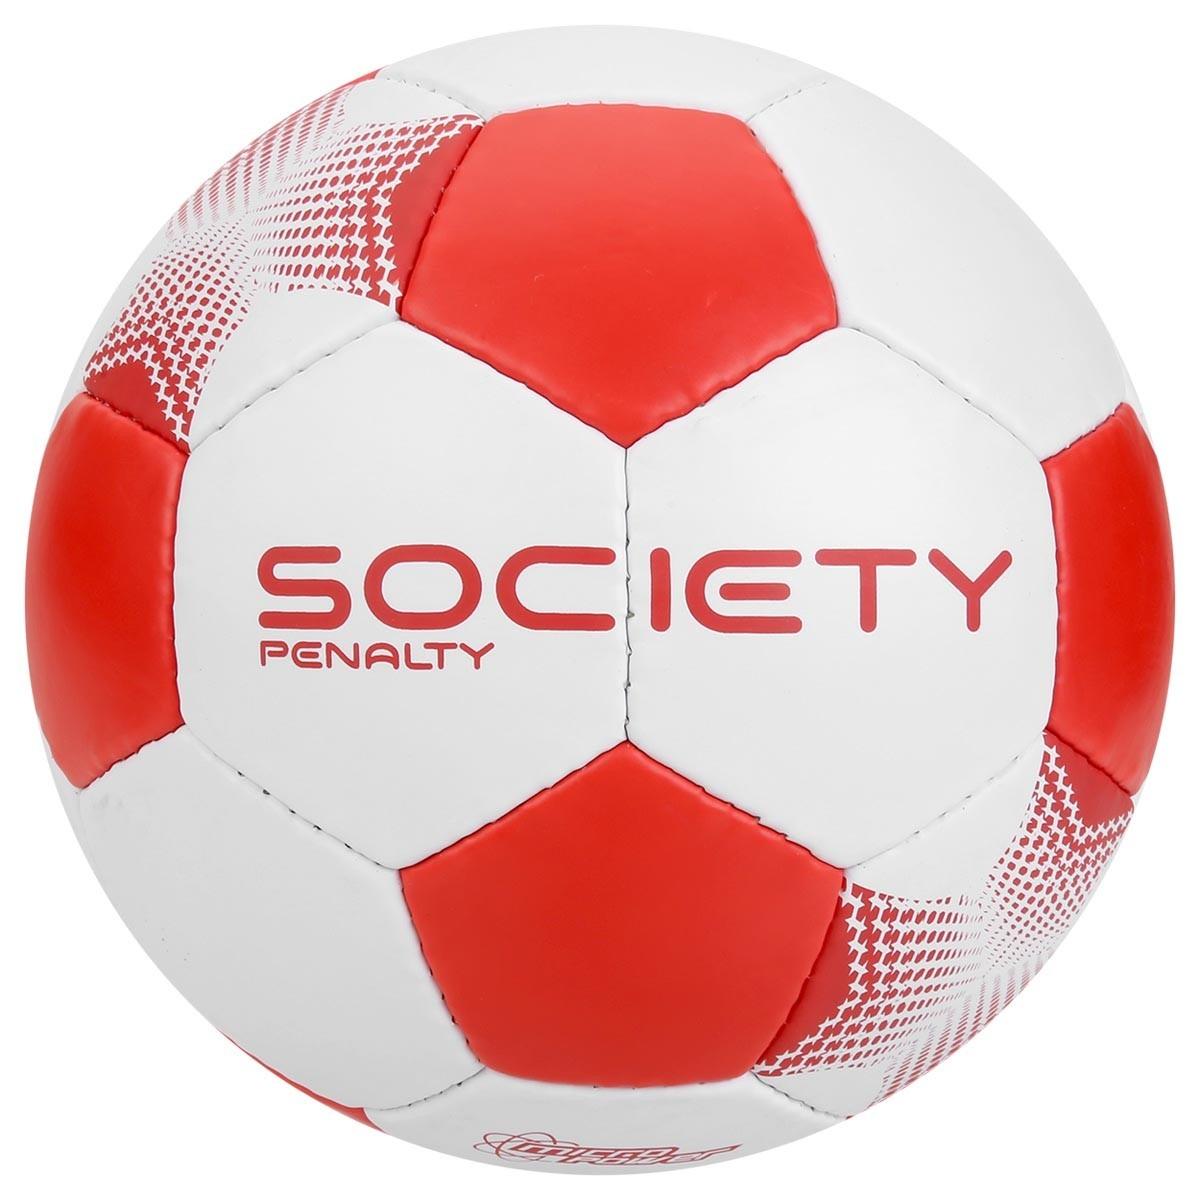 d080976e16 bola penalty society player costurada à mão original c nf. Carregando zoom.